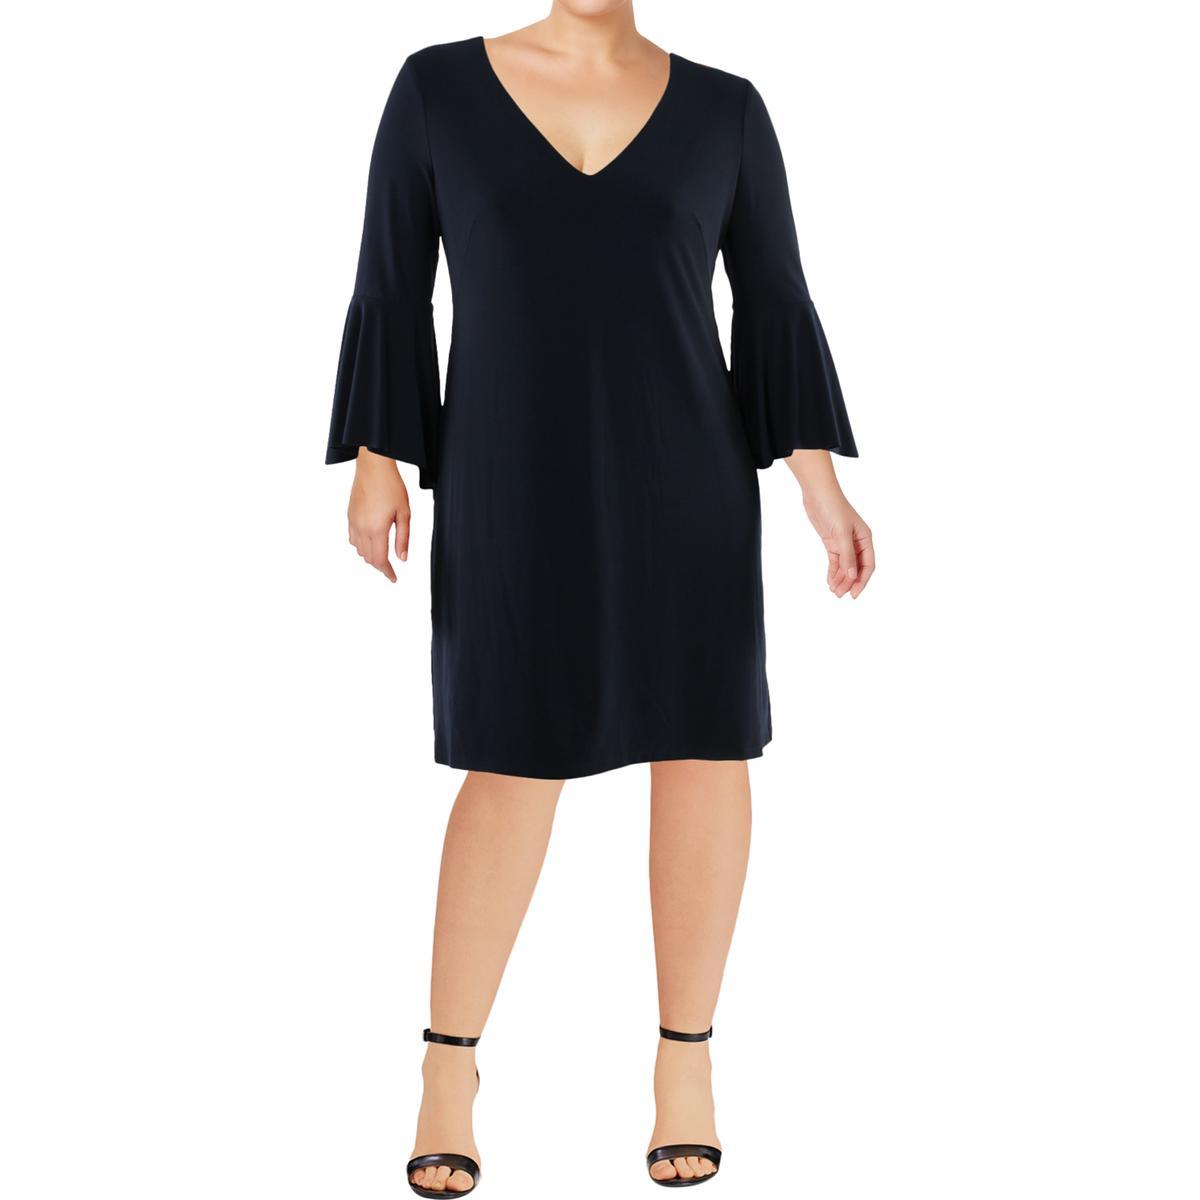 fb768fb718b07 Details about Lauren Ralph Lauren Womens Bernadetta Navy V-Neck Mini Dress 8  BHFO 1174